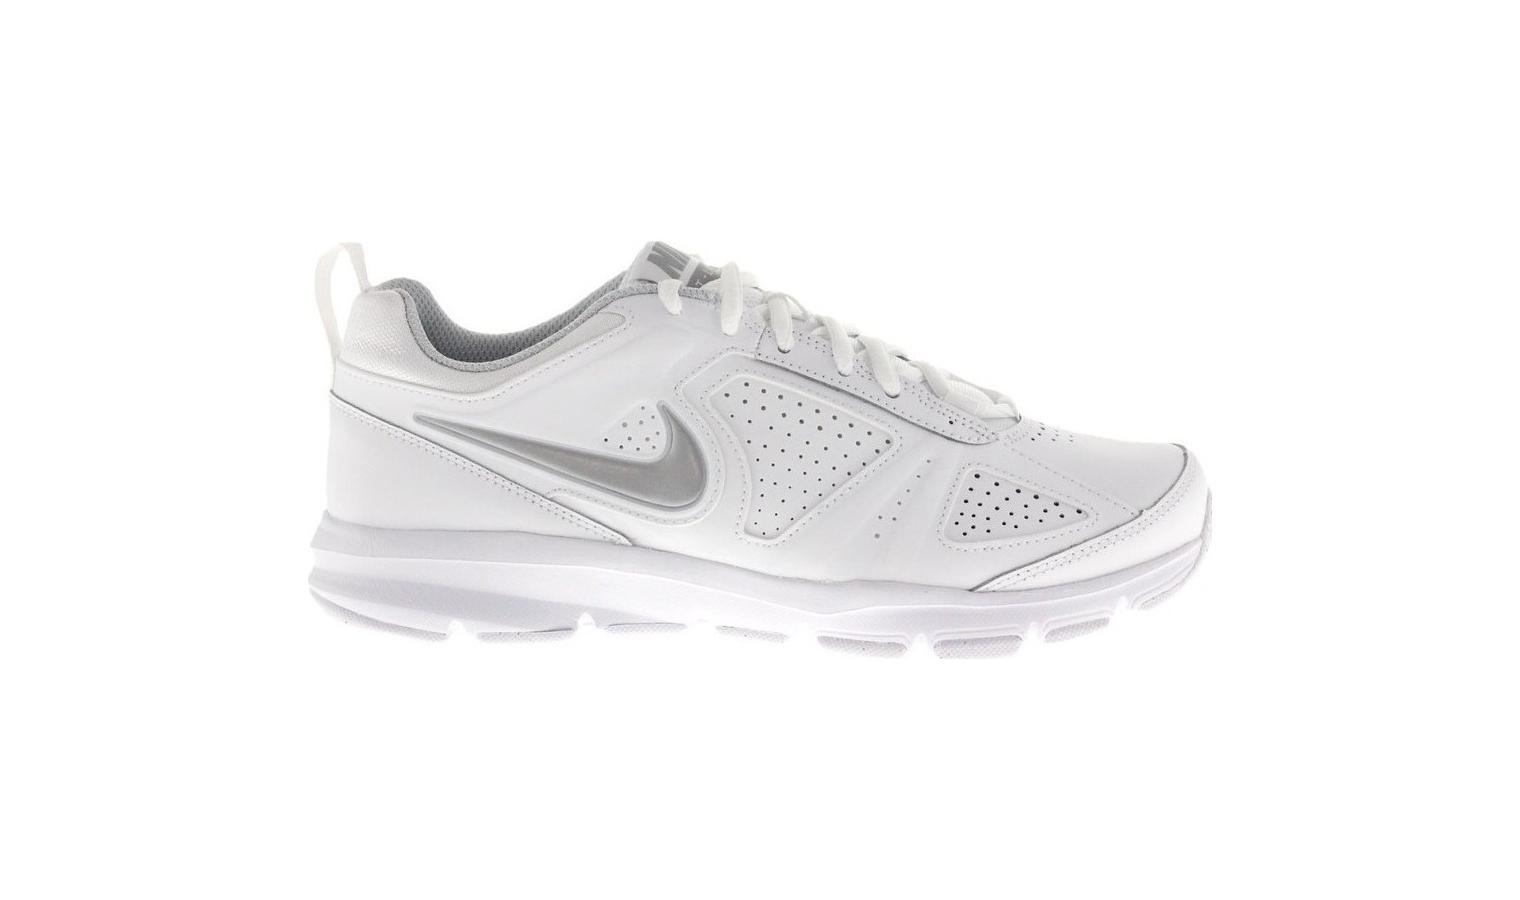 Dámske fitness topánky Nike T-LITE XI biele  c7c648c6de5